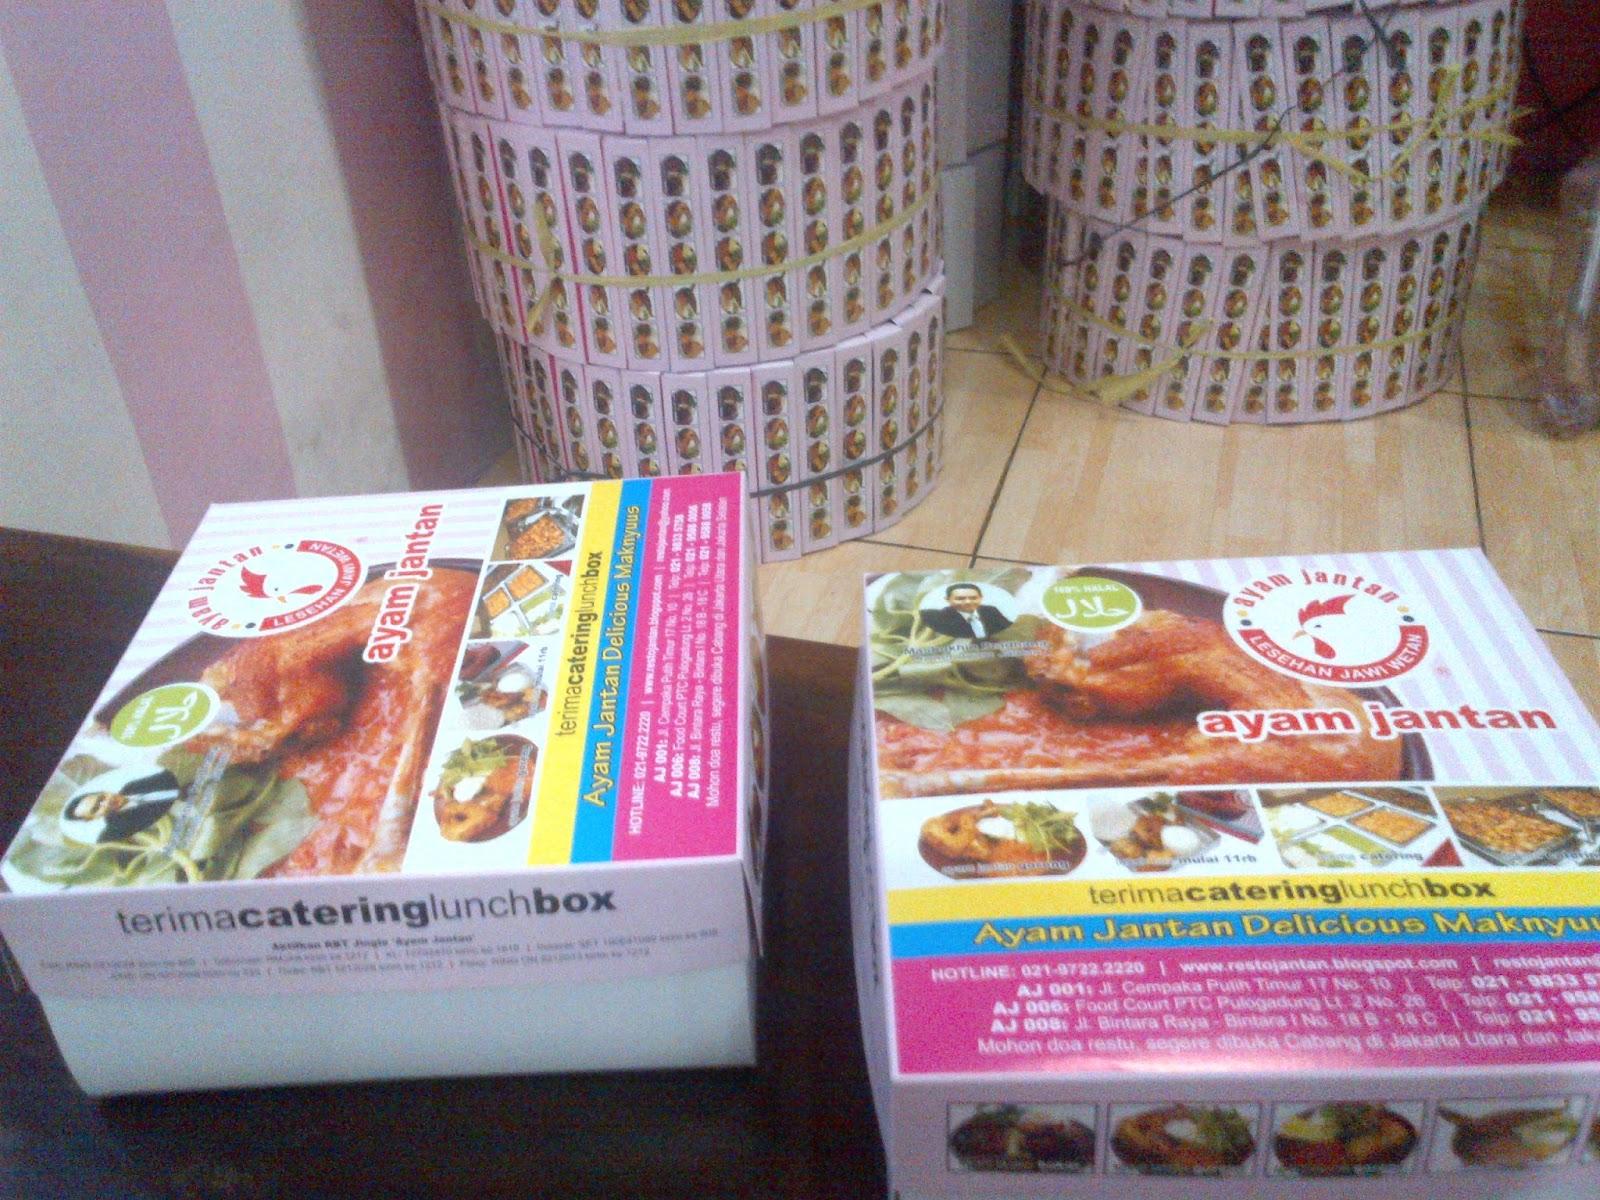 Lesehan Ayam Jantan: Nasi Kotak Enak Murah di Jakarta